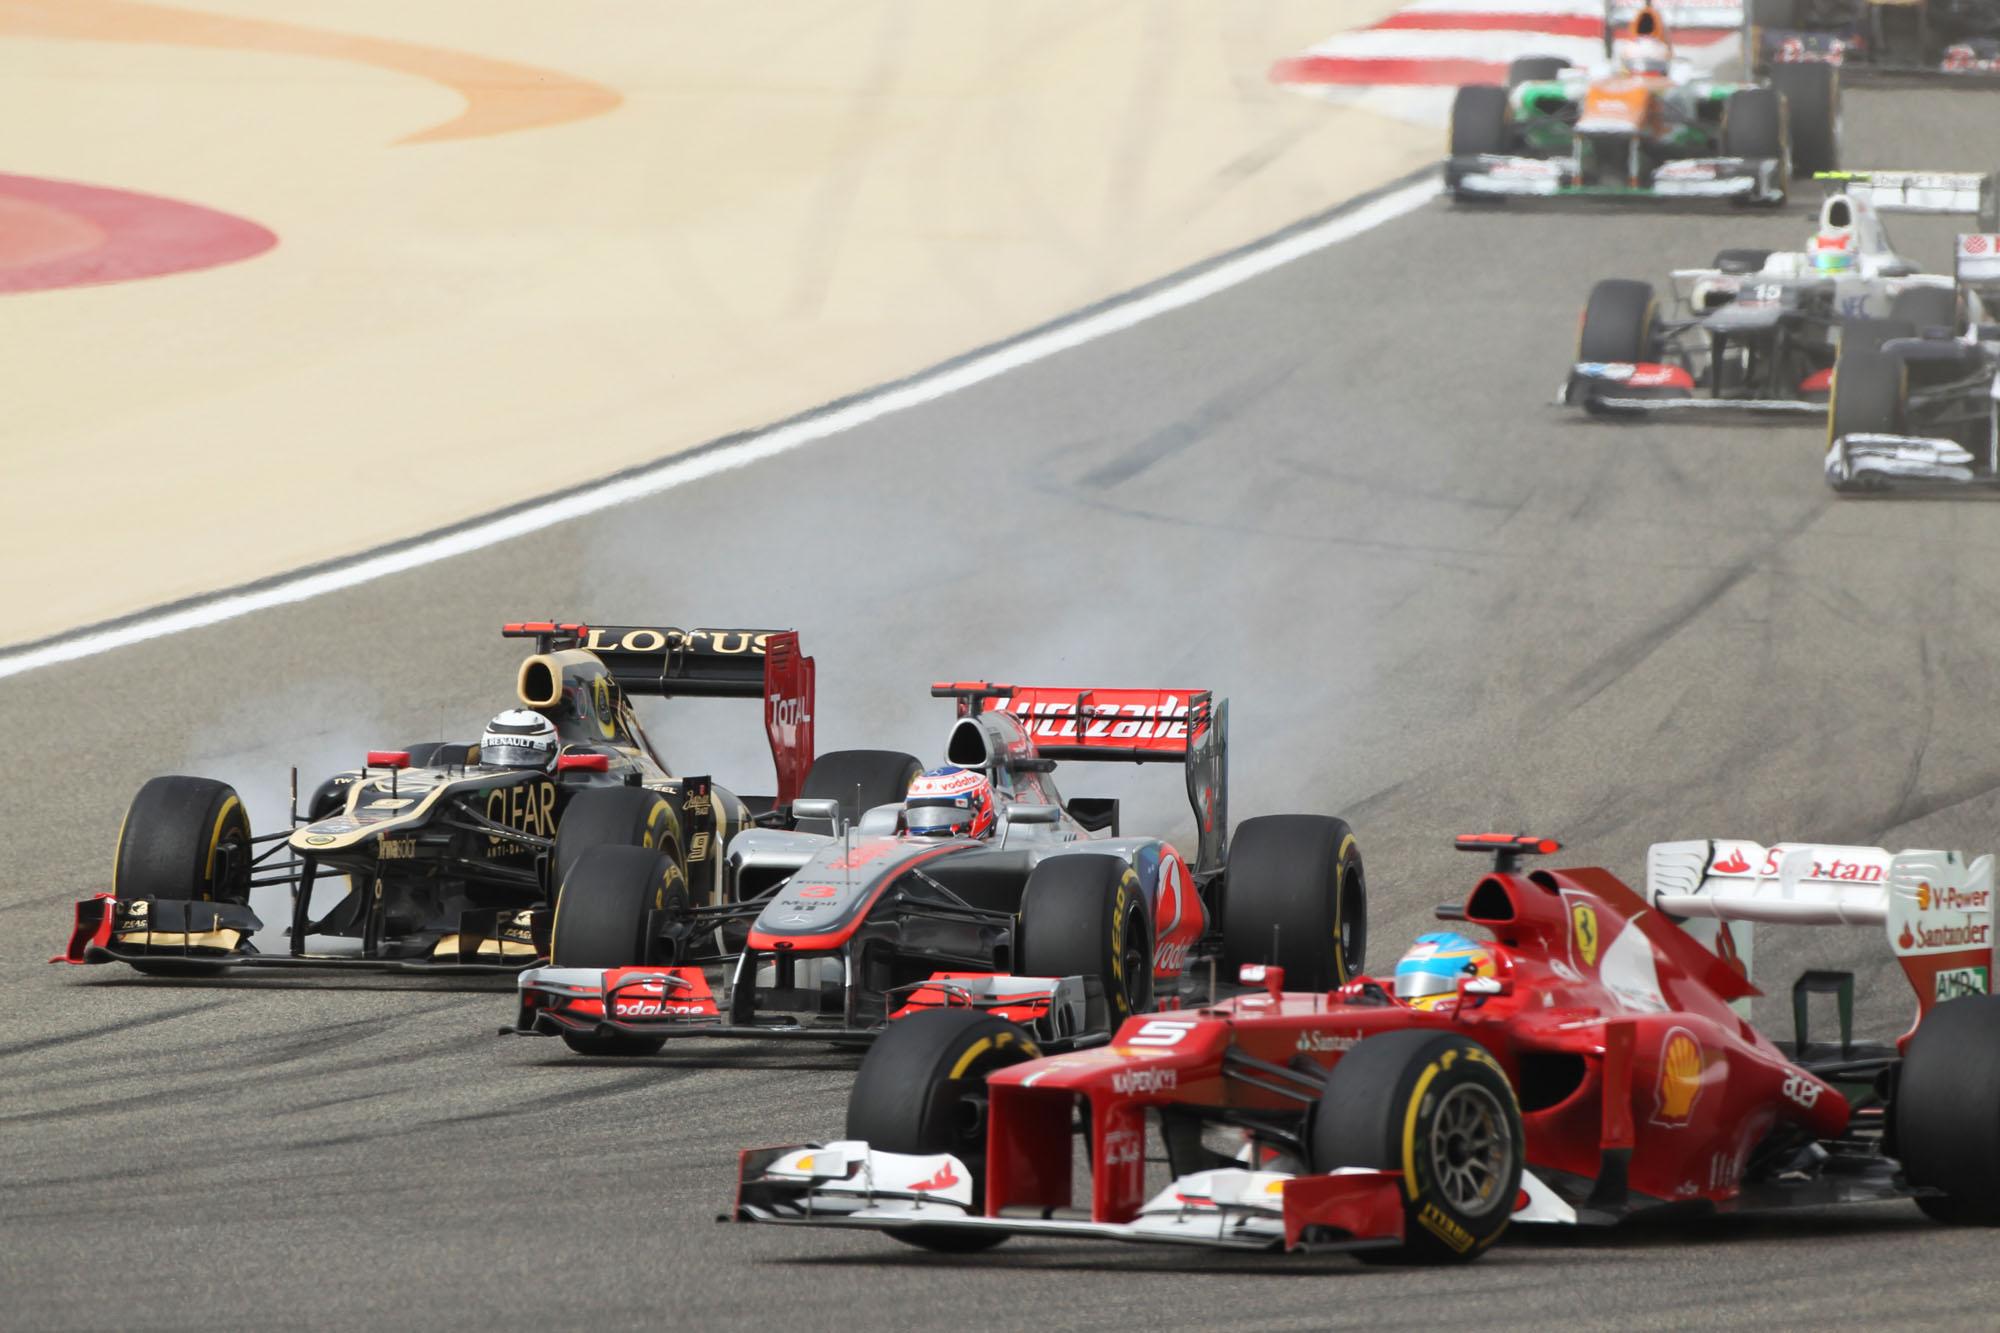 2012F1巴林站正赛法拉利阿隆索第七马萨第九_曼联--F1 ...